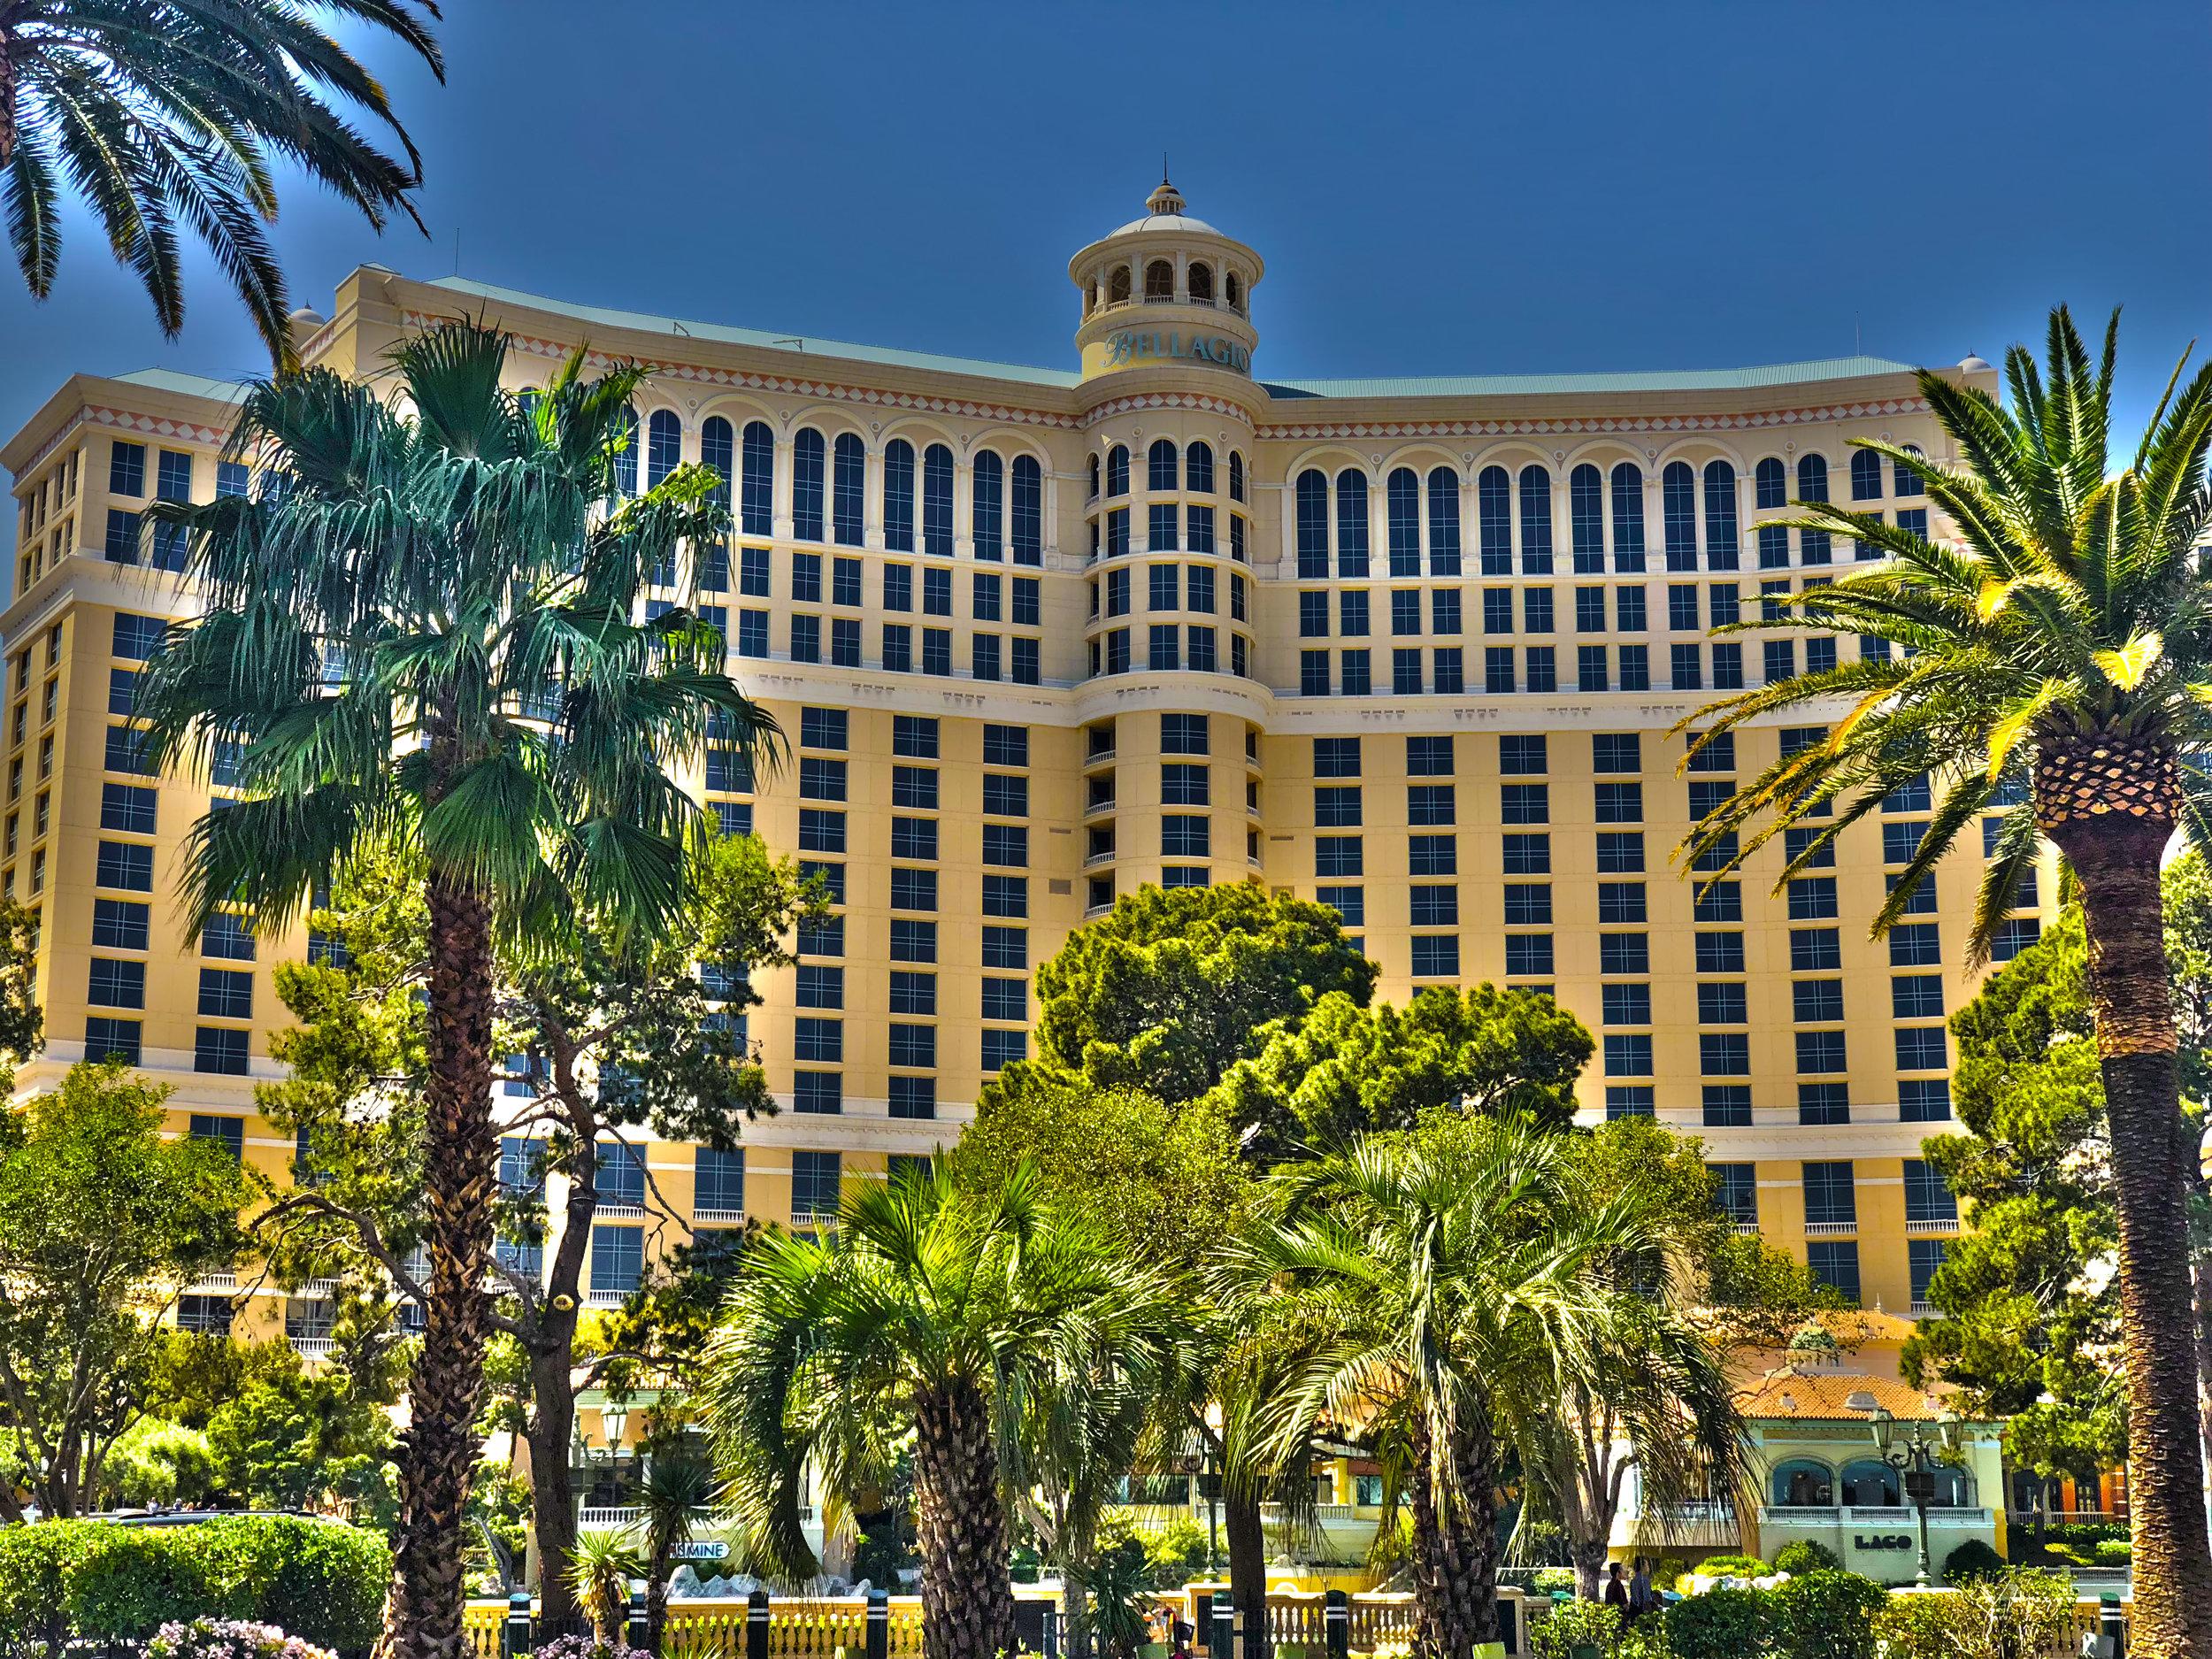 Bellagio - Eröffnet: 1998Casino-Grösse: 14'493m²Resort-Fee: 39 US-DollarZimmeranzahl: 2'688 Zimmer, 308 SuitenIkonisches Hotel am Las Vegas Strip mit eindrucksvoller gratis Wassershow. 2015 wurde die Renovation aller Zimmer im Main-Tower für 165 Millionen US-Dollar fertiggestellt. In allen Zimmern gibt es einen TV-Kanal, der den Ton/Musik der Wassershow live überträgt. Der Botanische Garten in der Nähe der Lobby wird je nach Saison oder Festlichkeit mit neuen Blumen und Dekorationen geschmückt - absolut sehenswert und kostenfrei.